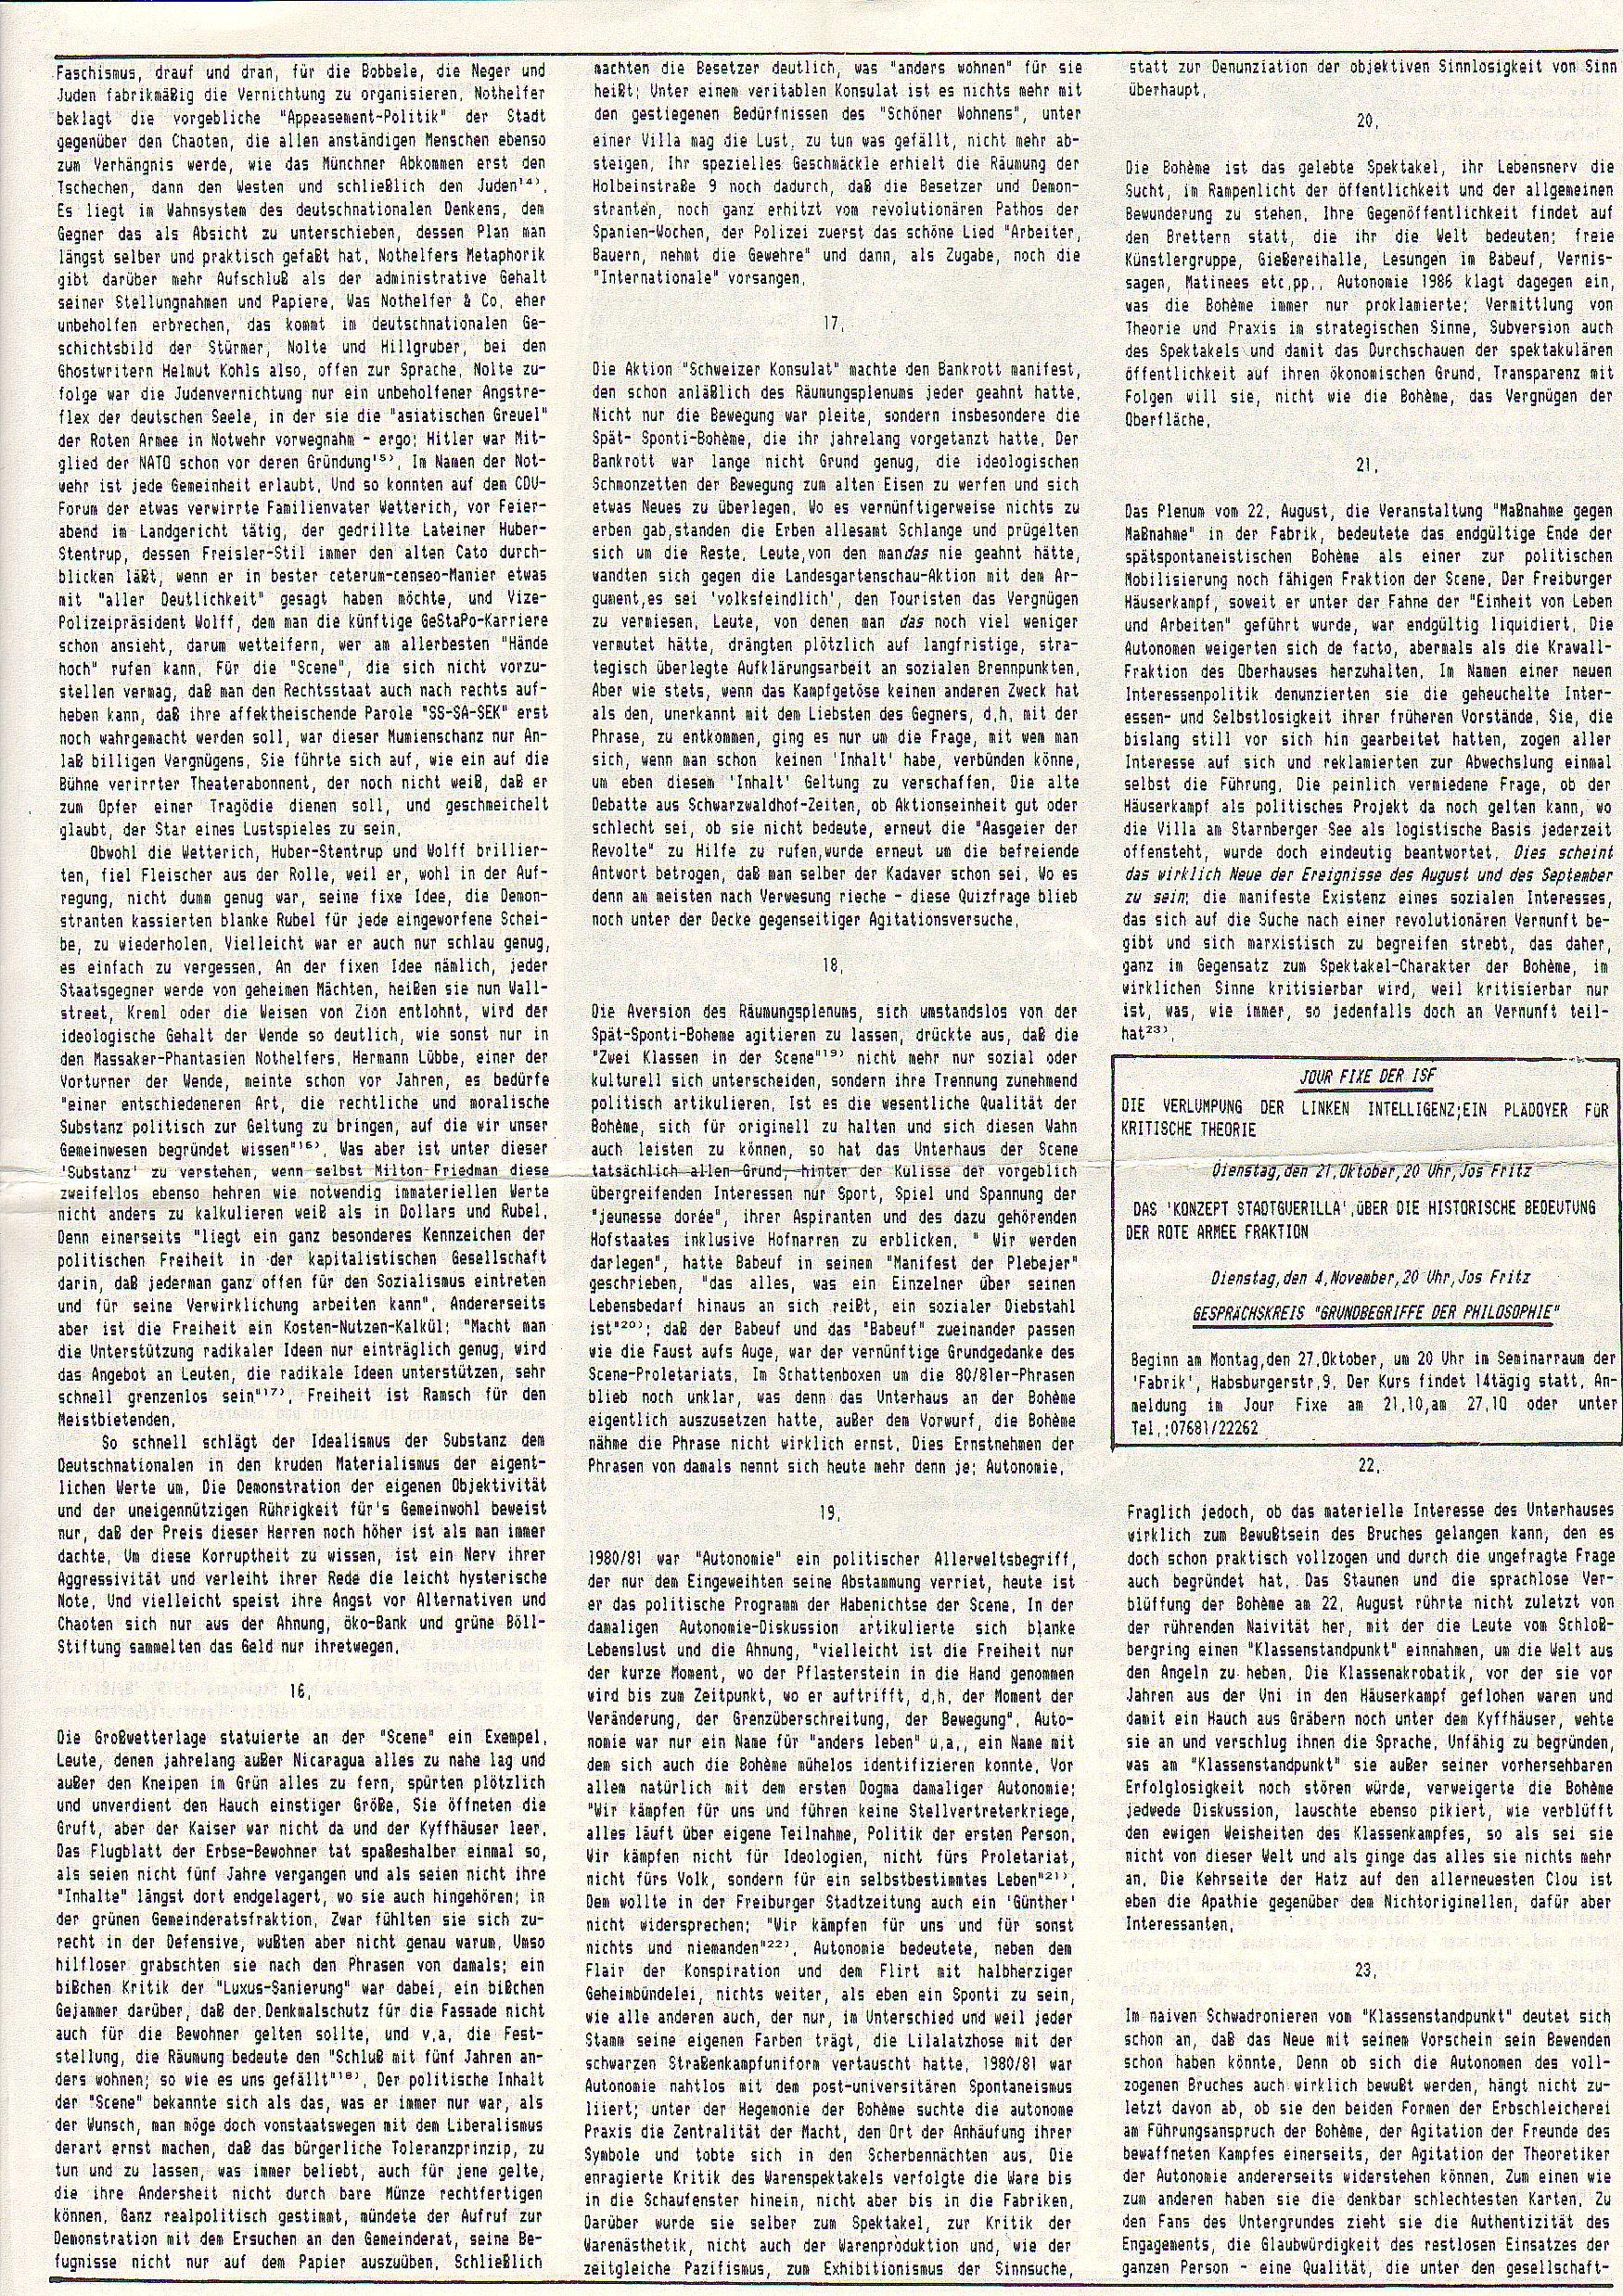 Freiburg_Hausbesetzung_04_ISF_Flugschrift_1986_03